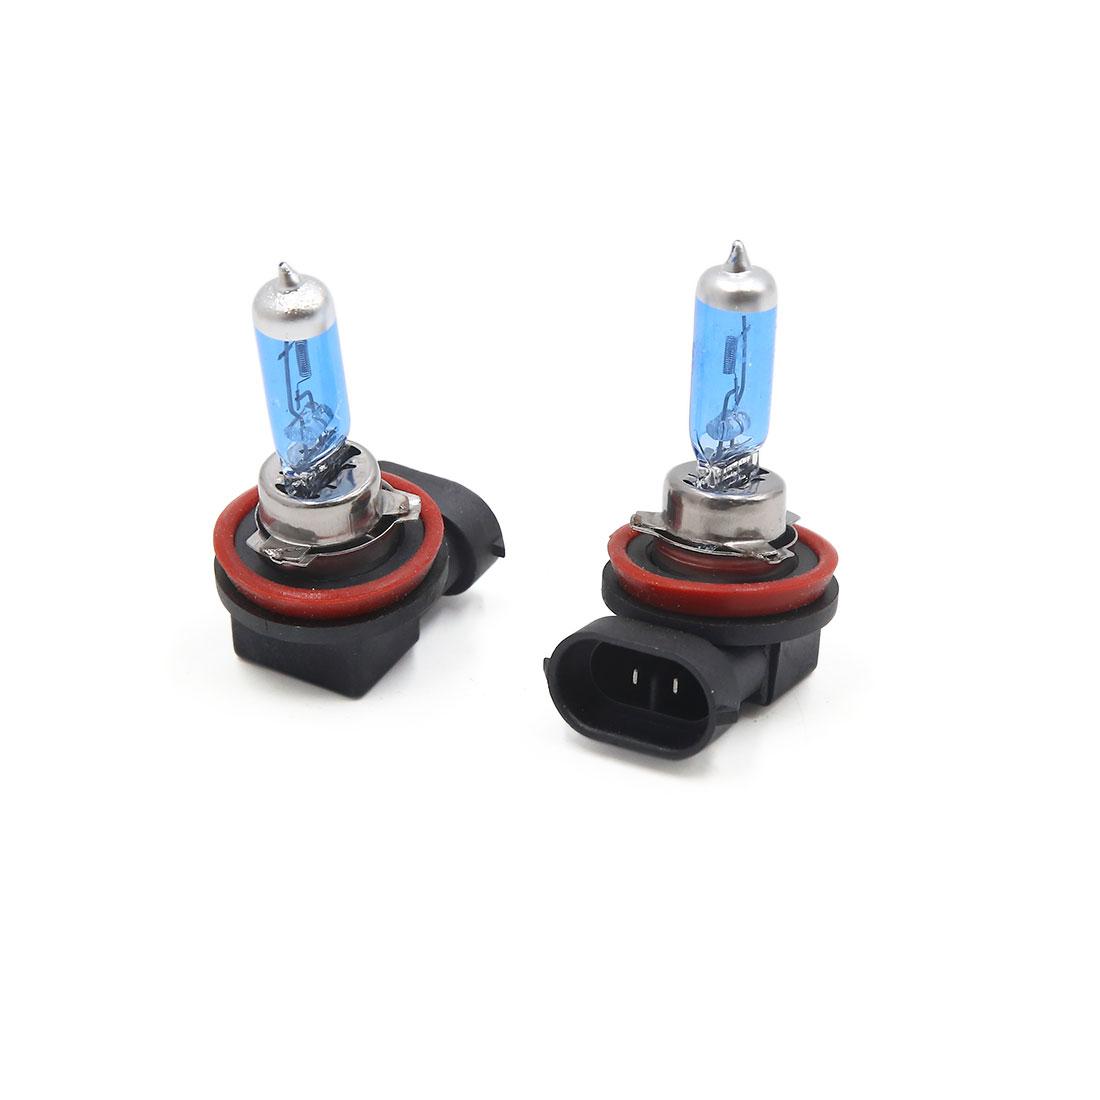 2Pcs 12V 100W H11 White Halogen Foglight Driving Headlight Lamp Bulbs for Car